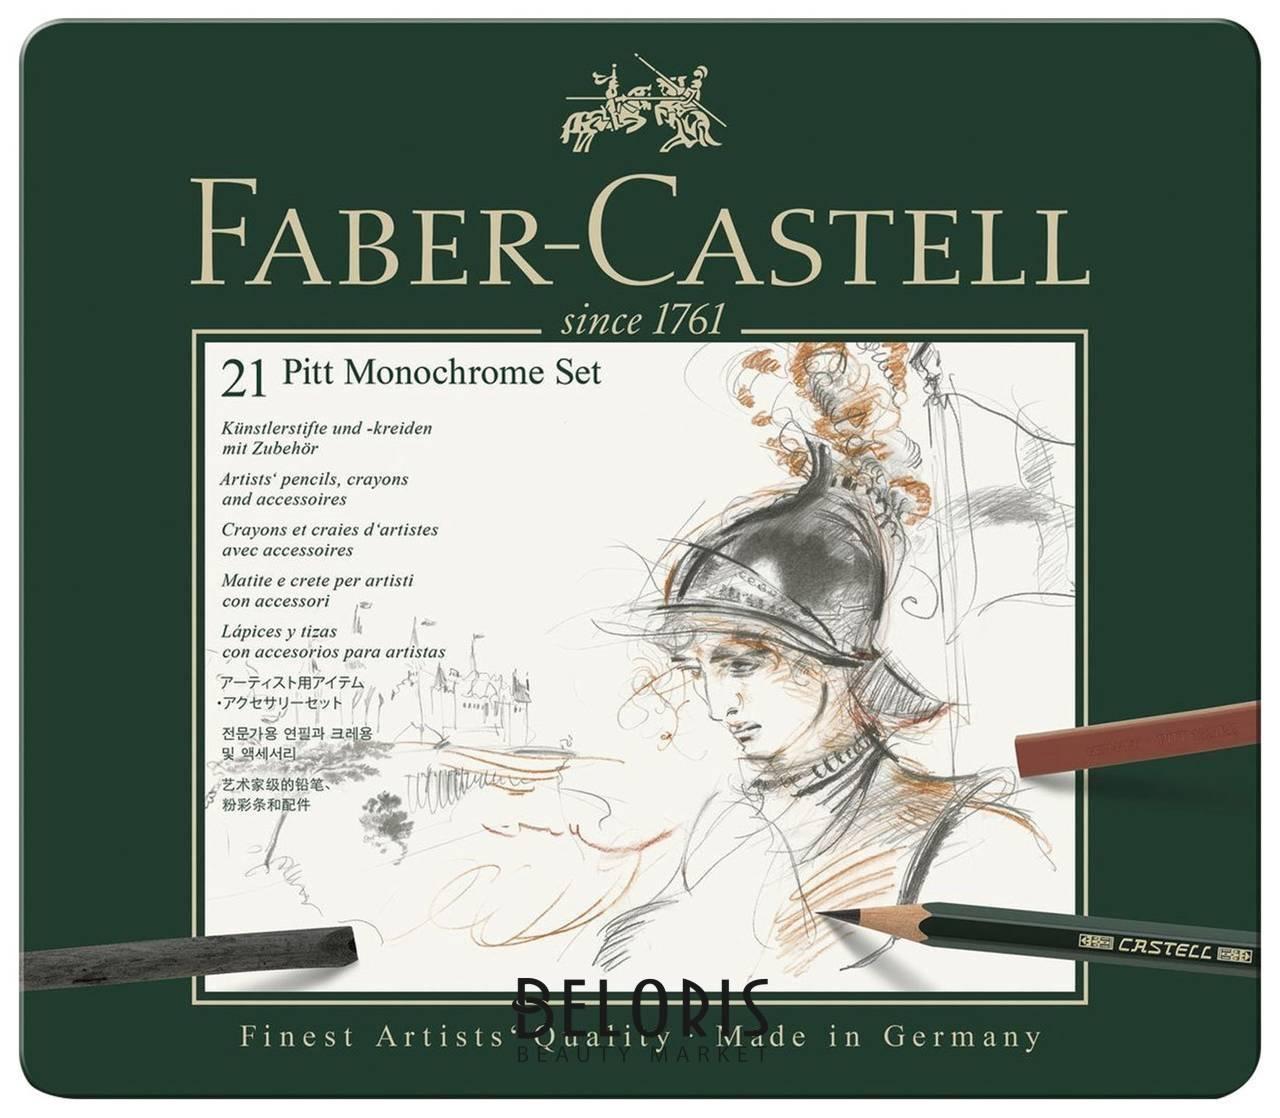 Набор художественный Faber-castell Pitt Monochrome, 21 предмет, металлическая коробка Faber-castell